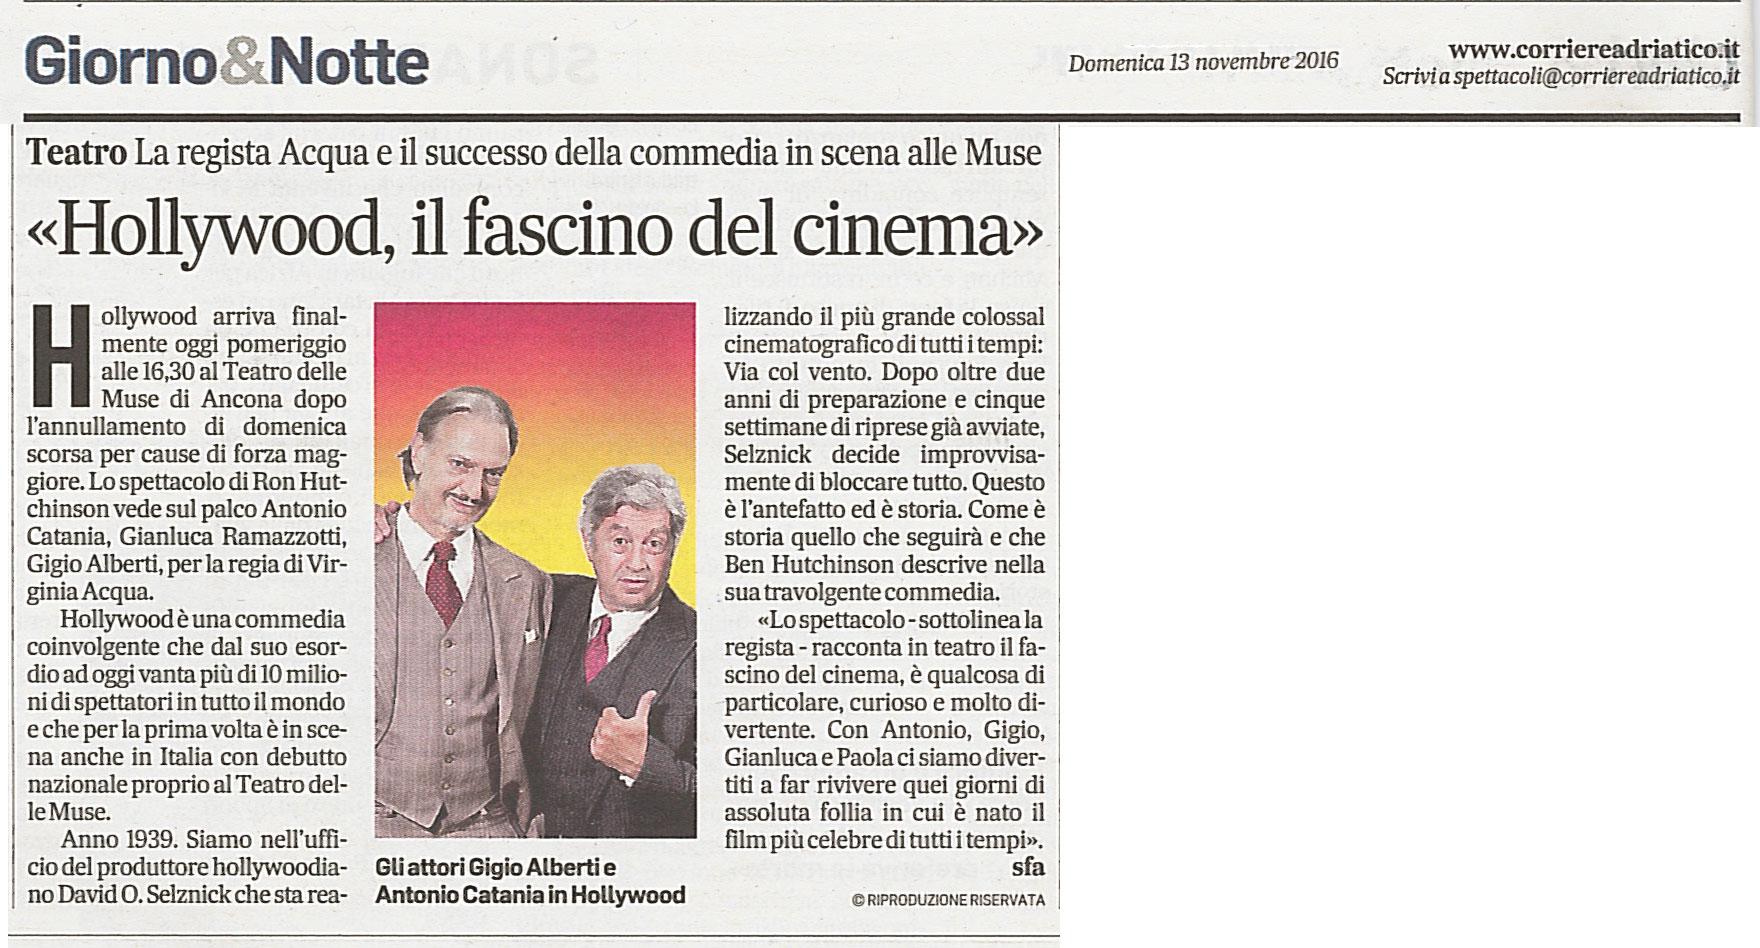 2016_11_13_hollywood-il-fascino-del-cinema_corriere-adriatico